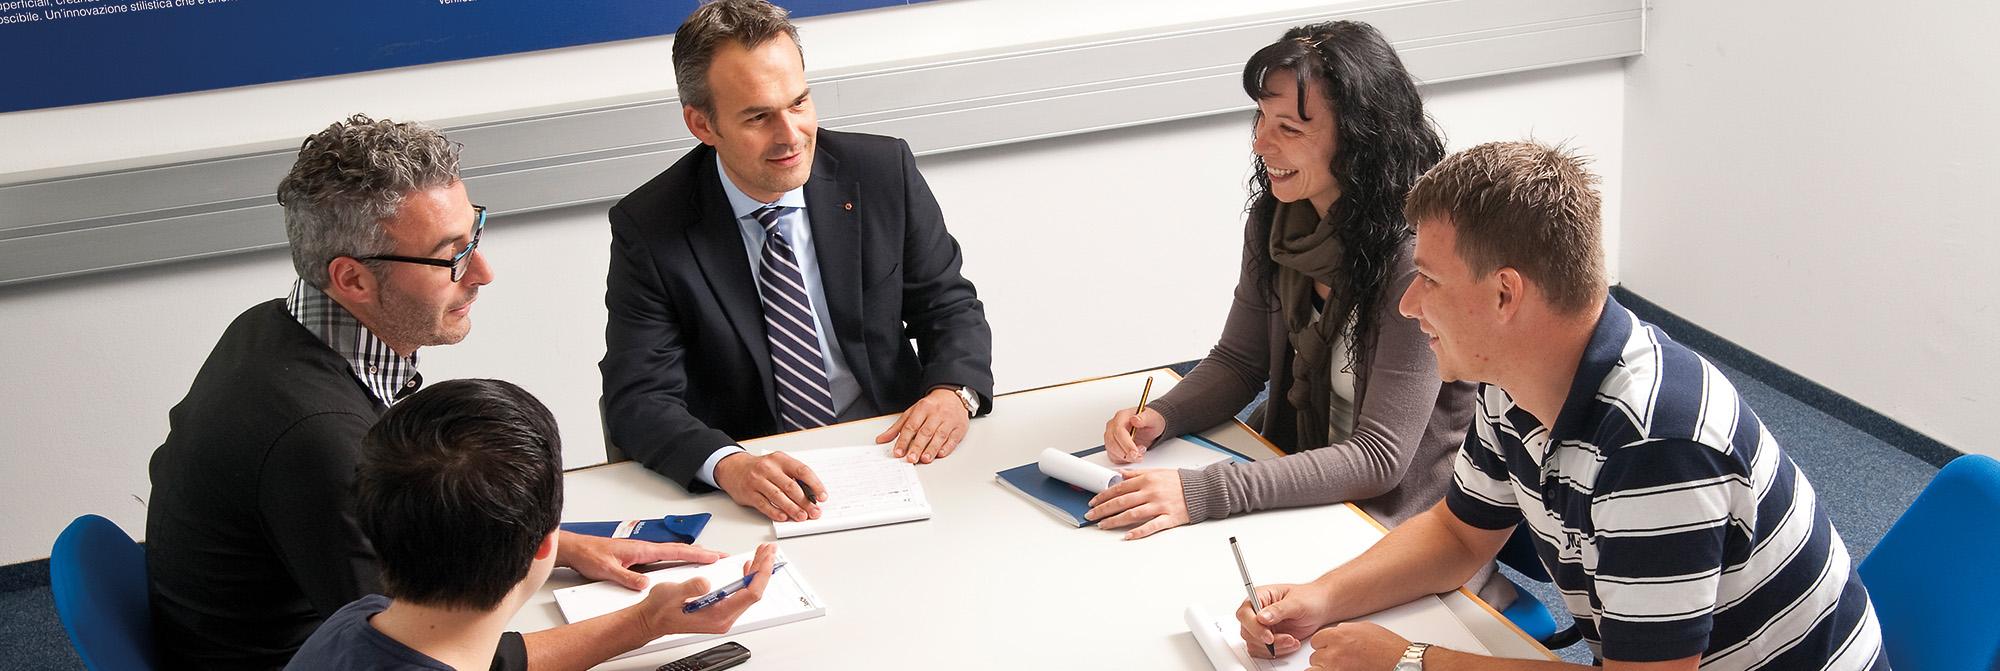 Needbe, le site de rencontre pour employeurs et jobistes: «C'est au patron de faire le premier pas»